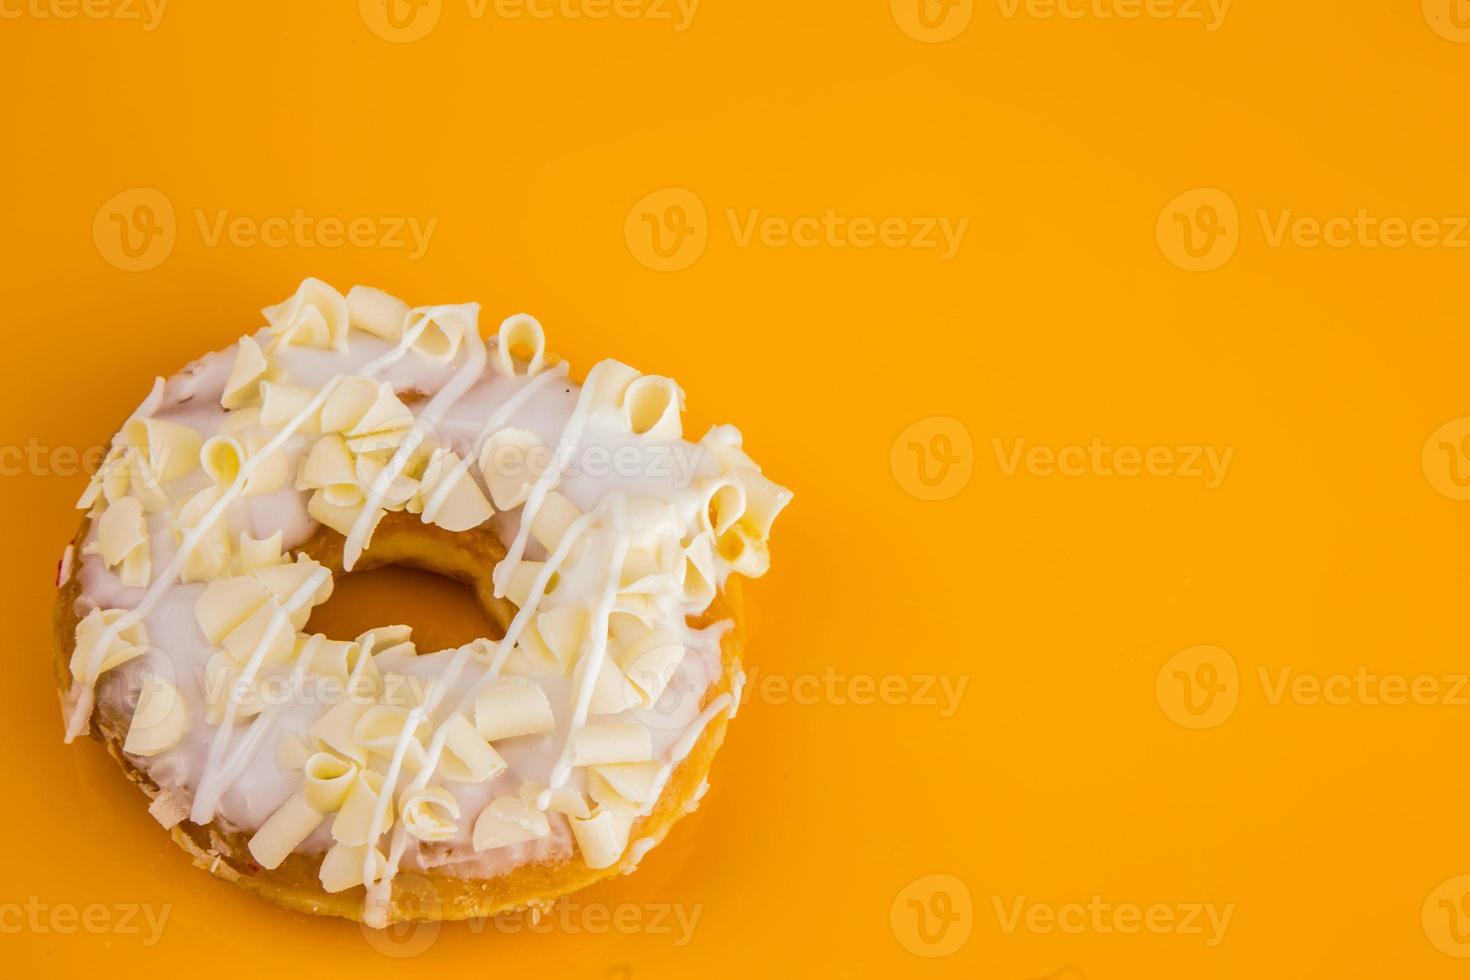 rosquinha de chocolate branca sobre fundo amarelo foto